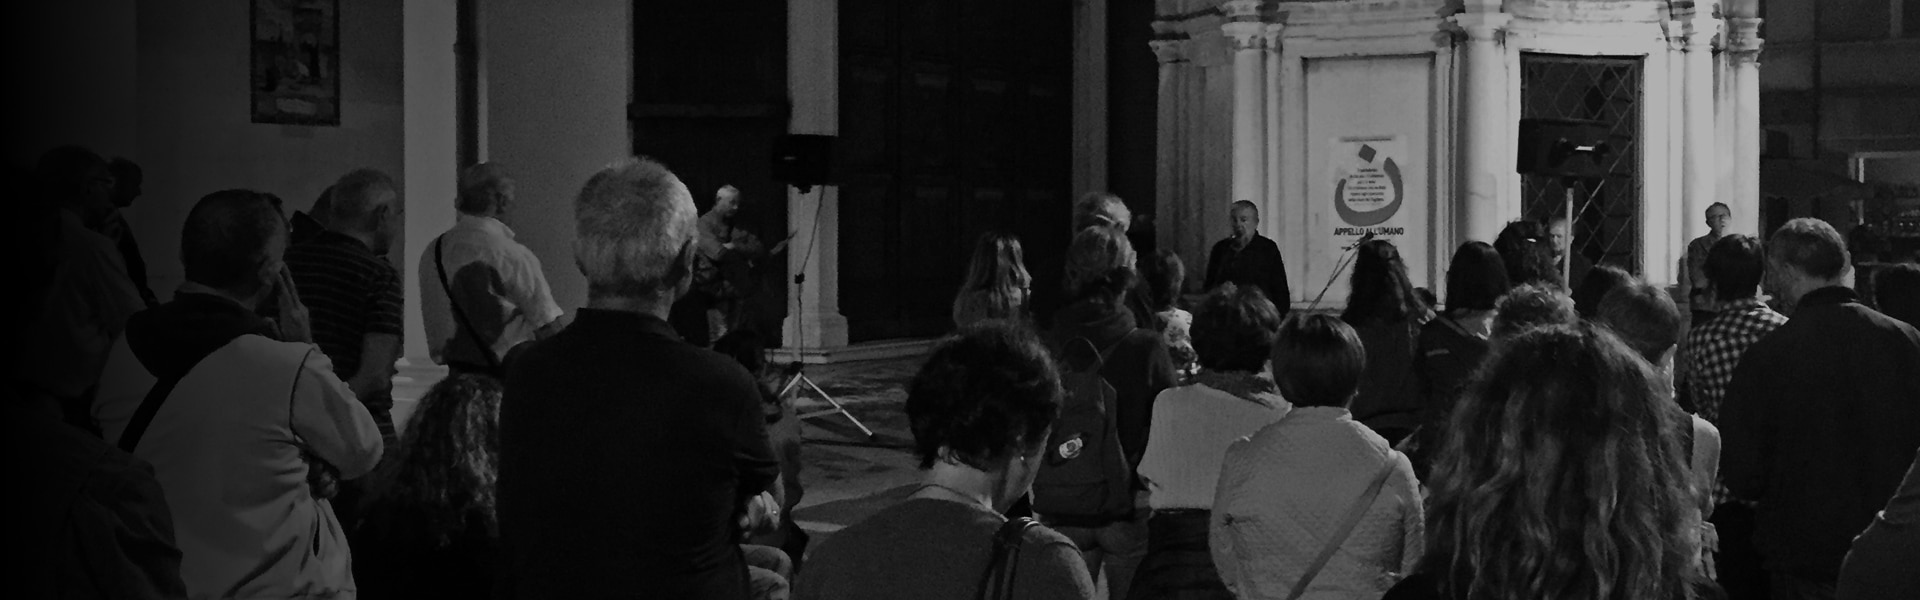 """Featured image for """"Venerdì 20 agosto l'Appello all'Umano per i cristiani perseguitati in Medio Oriente"""""""